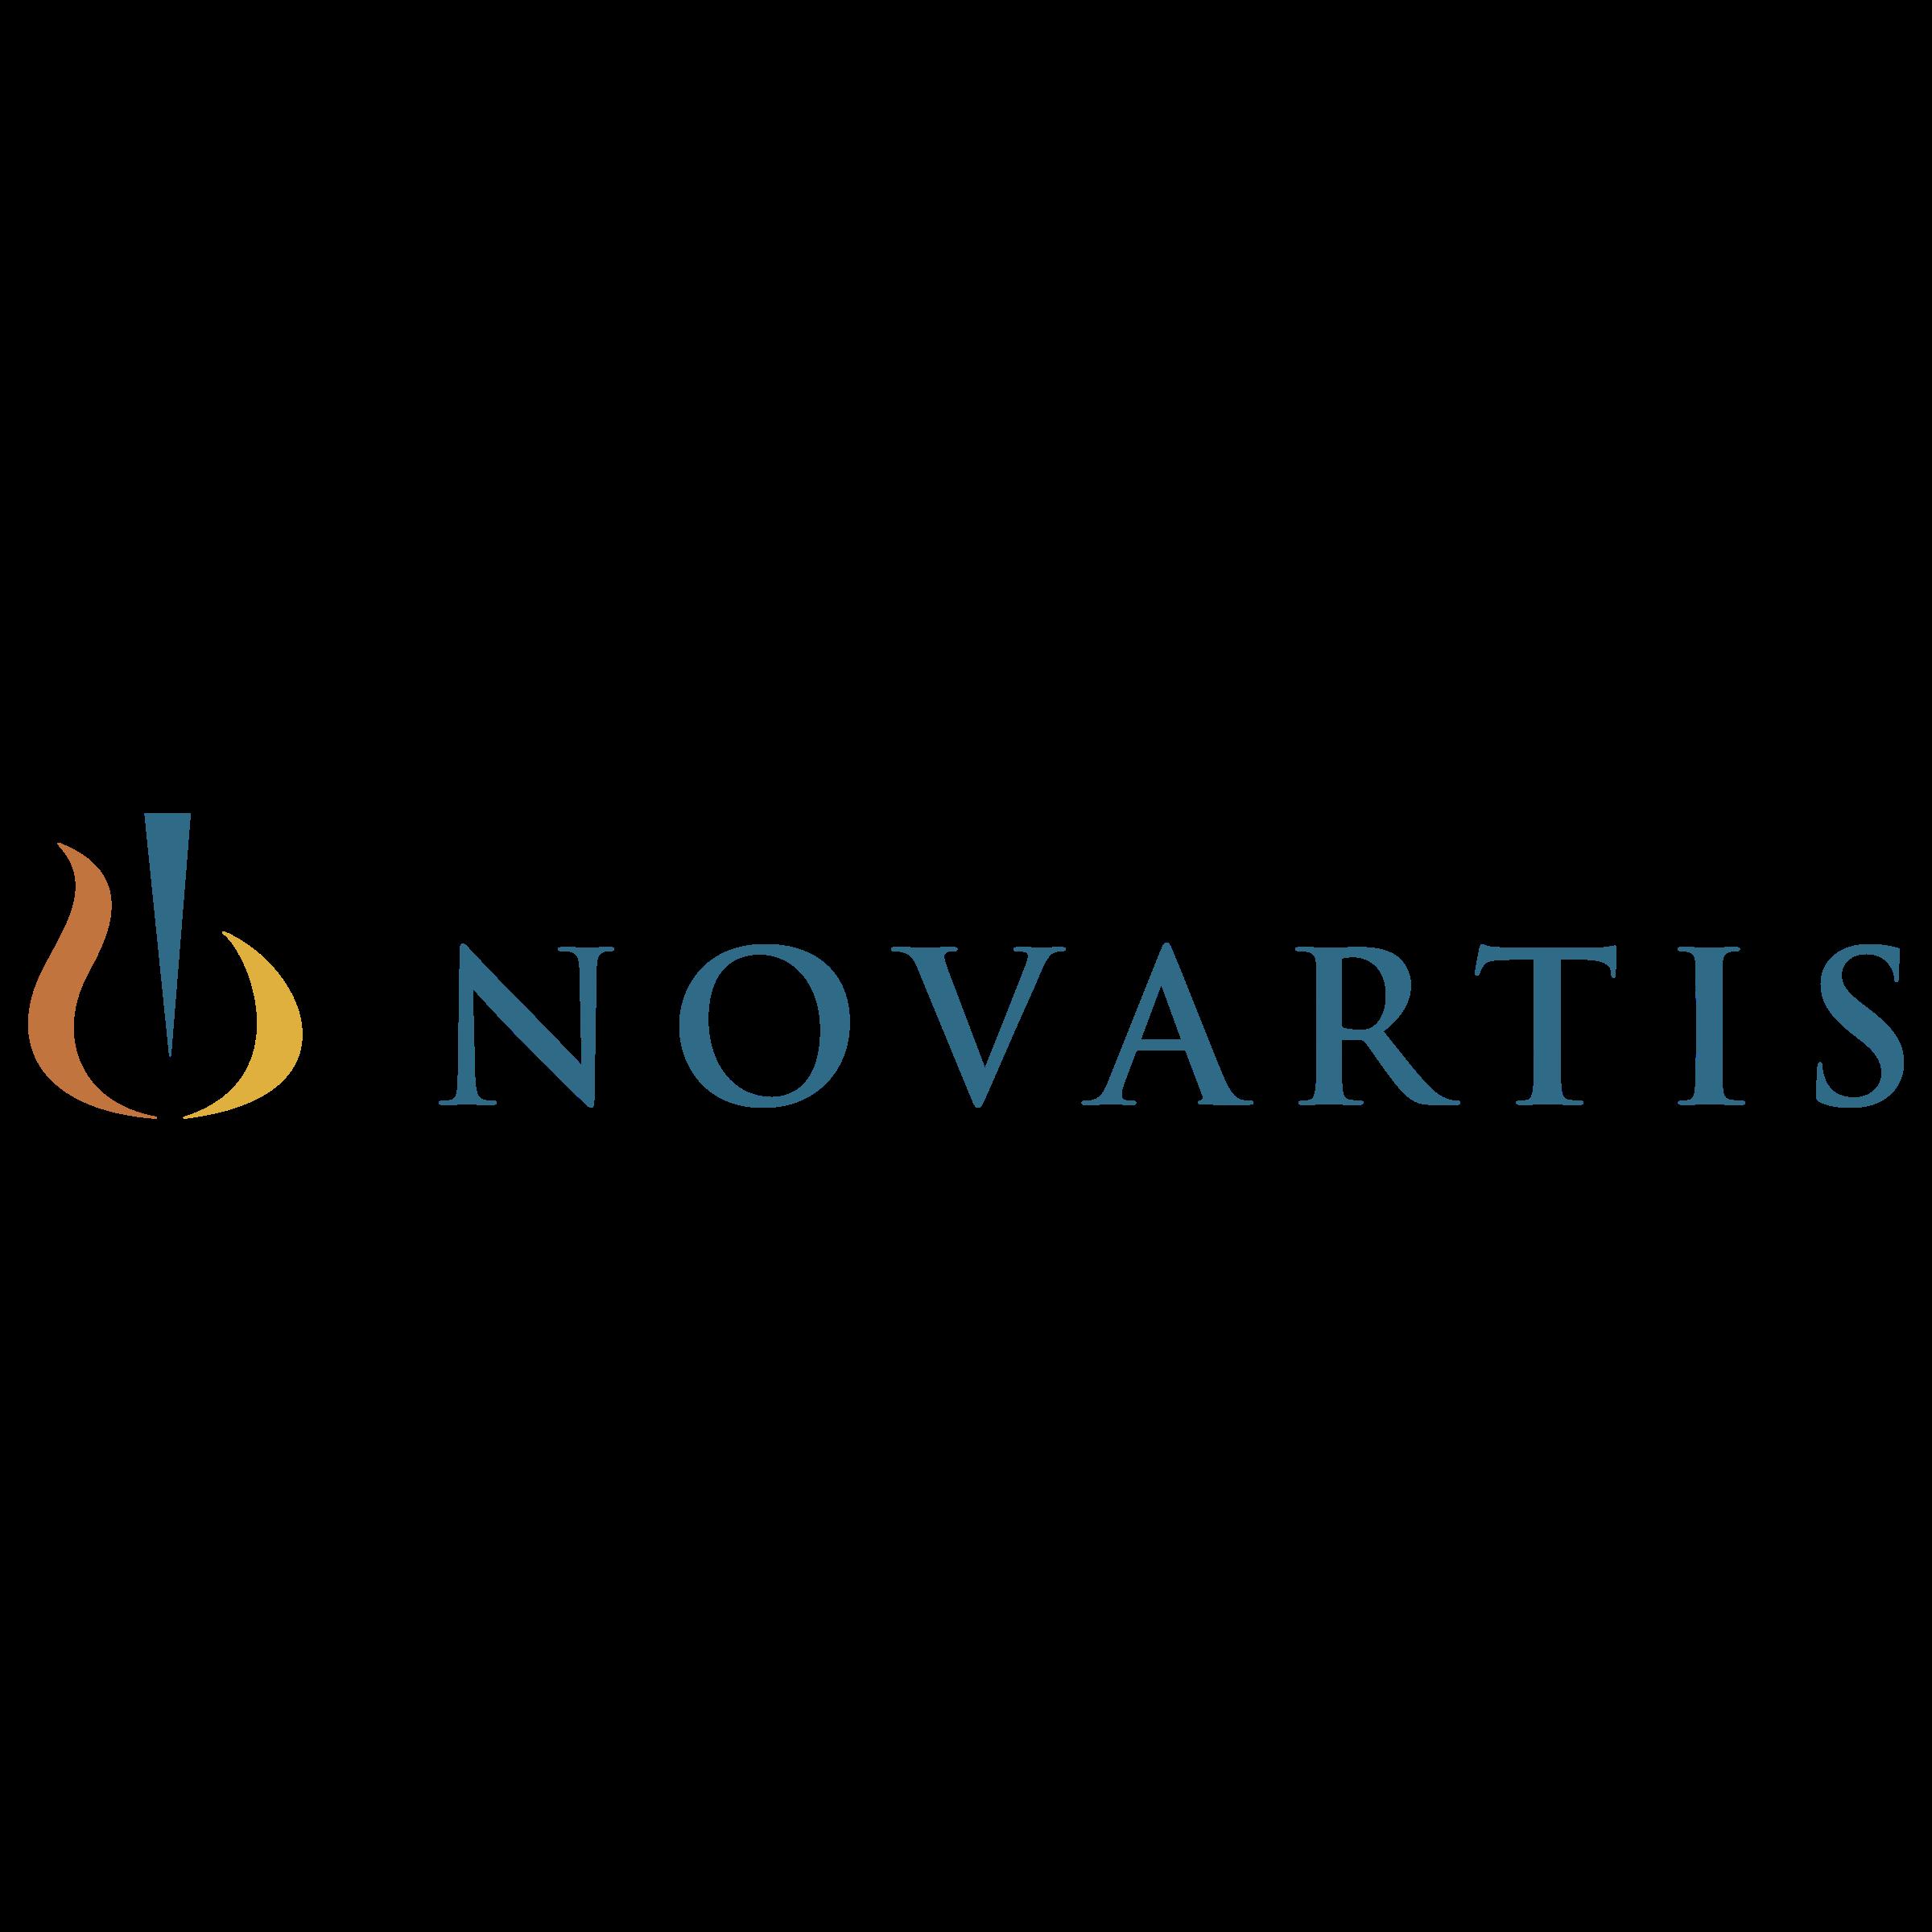 novartis logo png transparent amp svg vector freebie supply